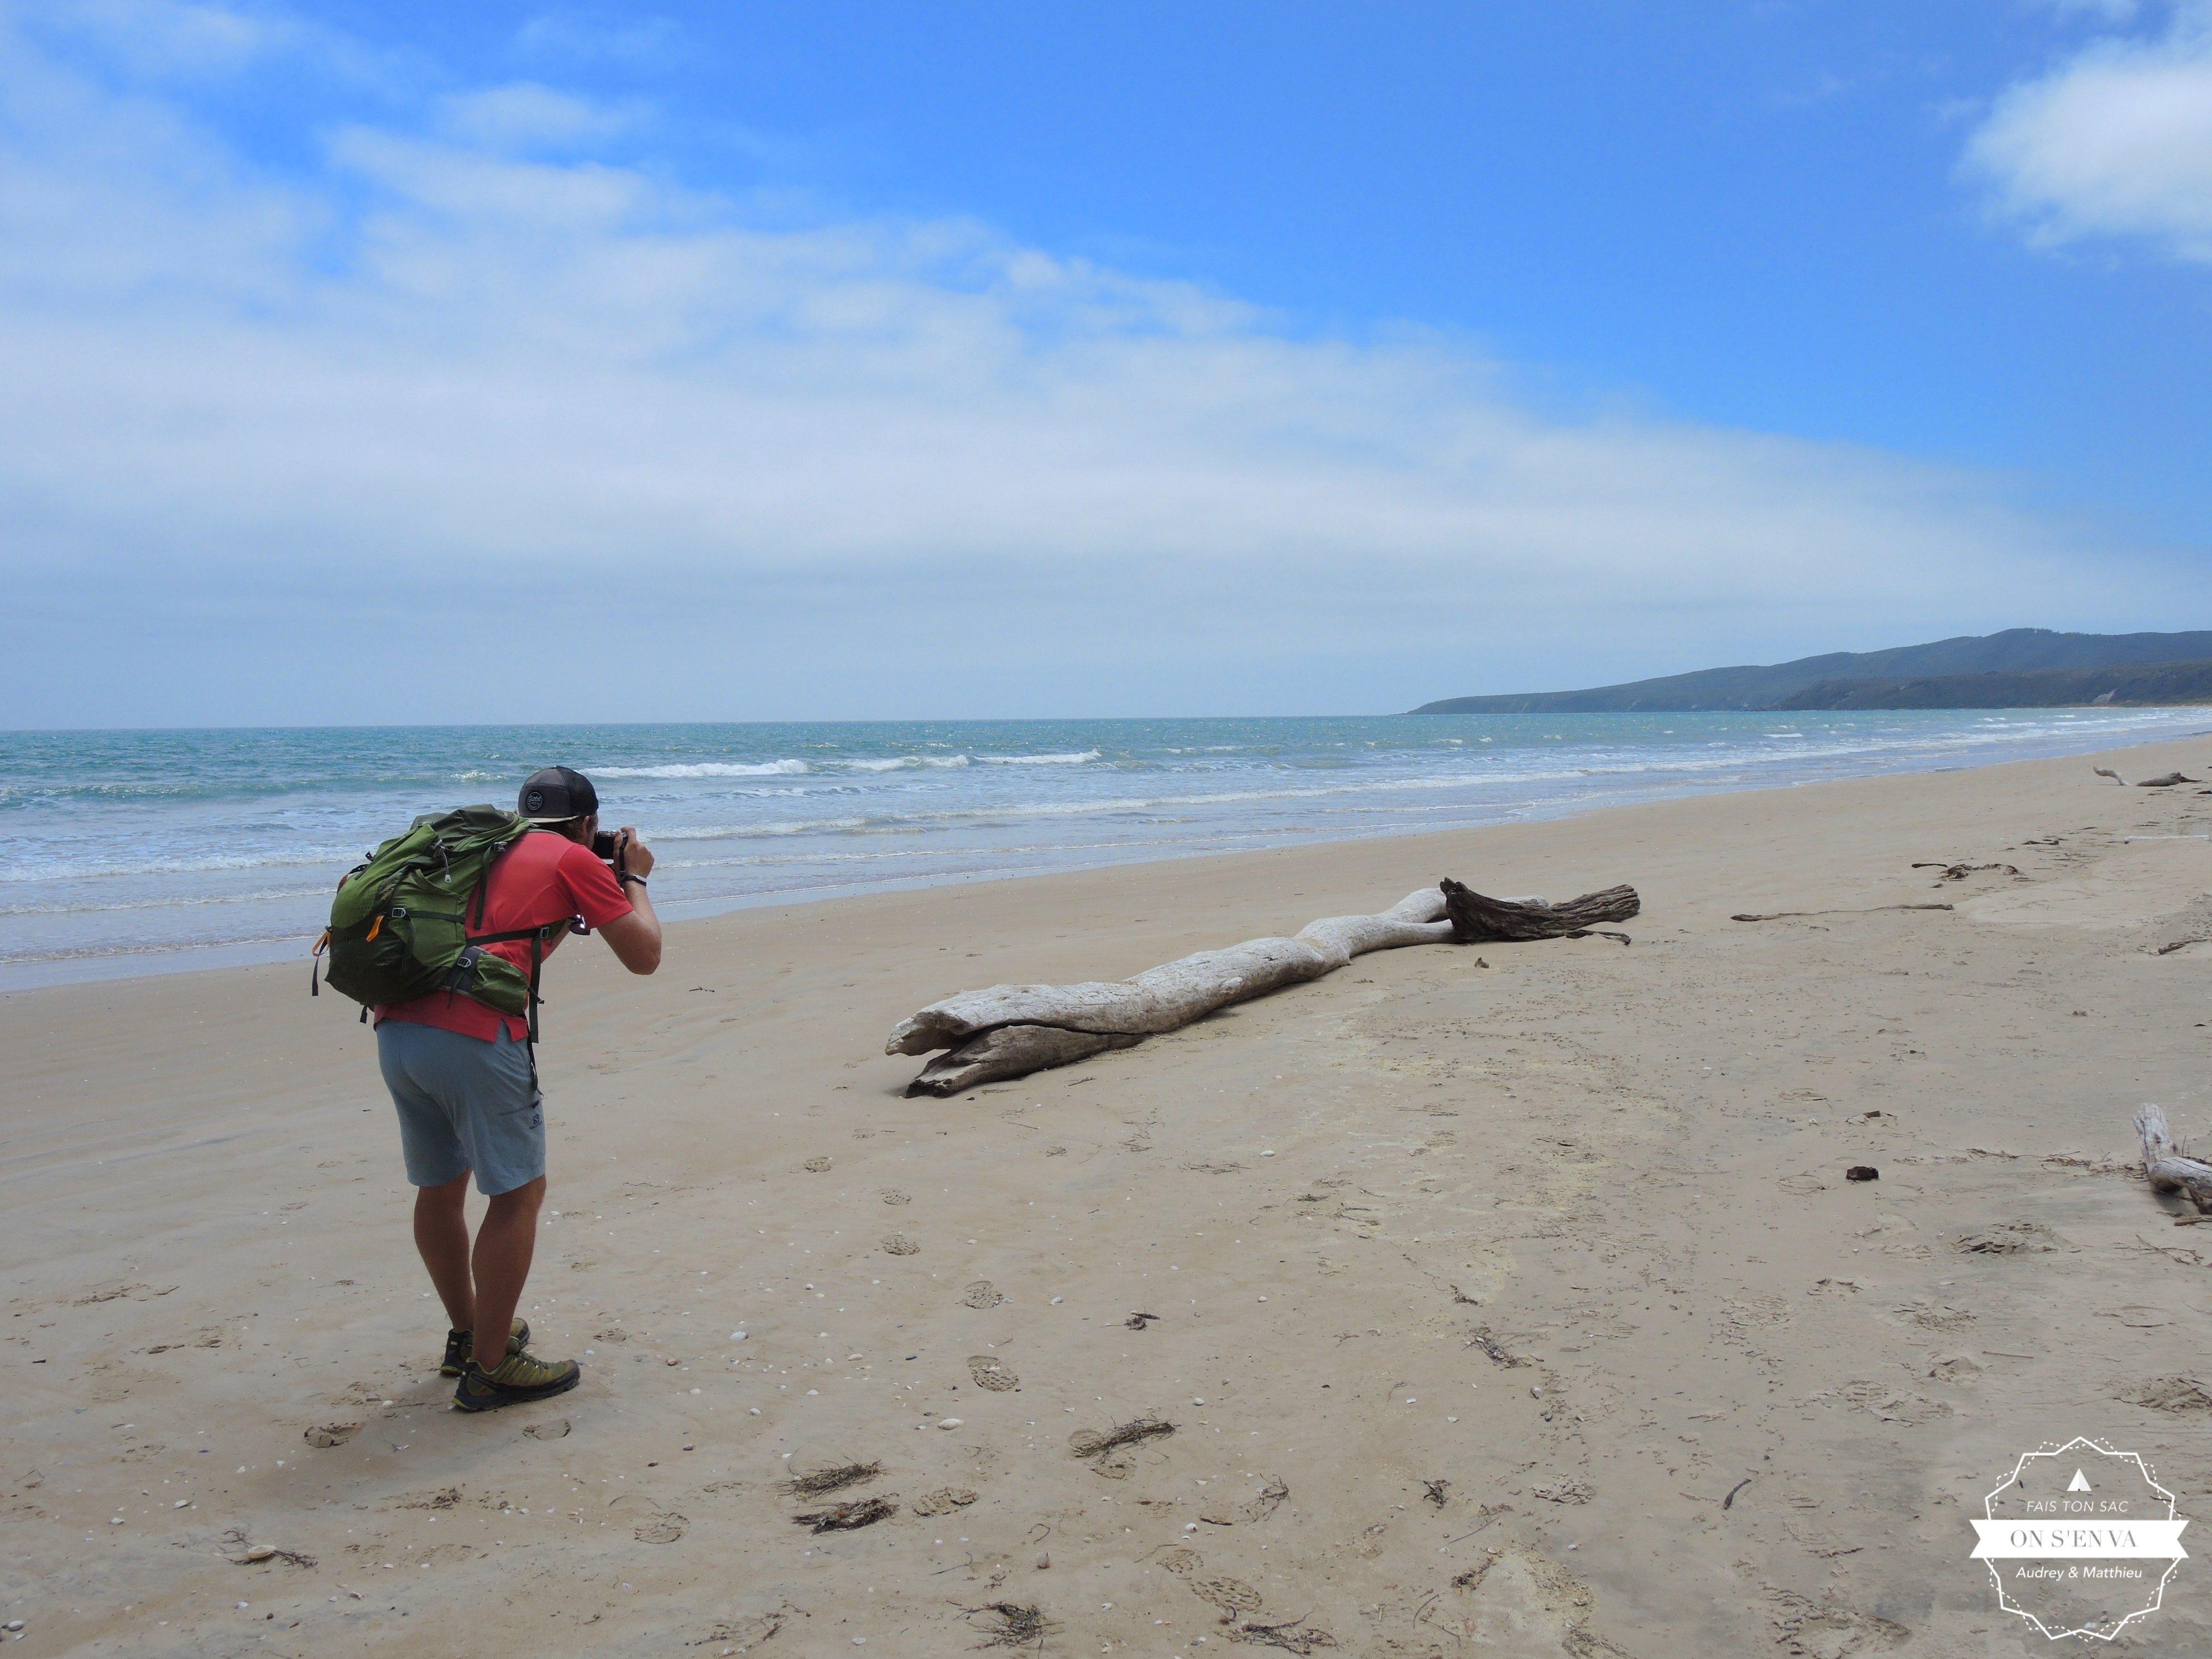 Fin de rando sur la plage